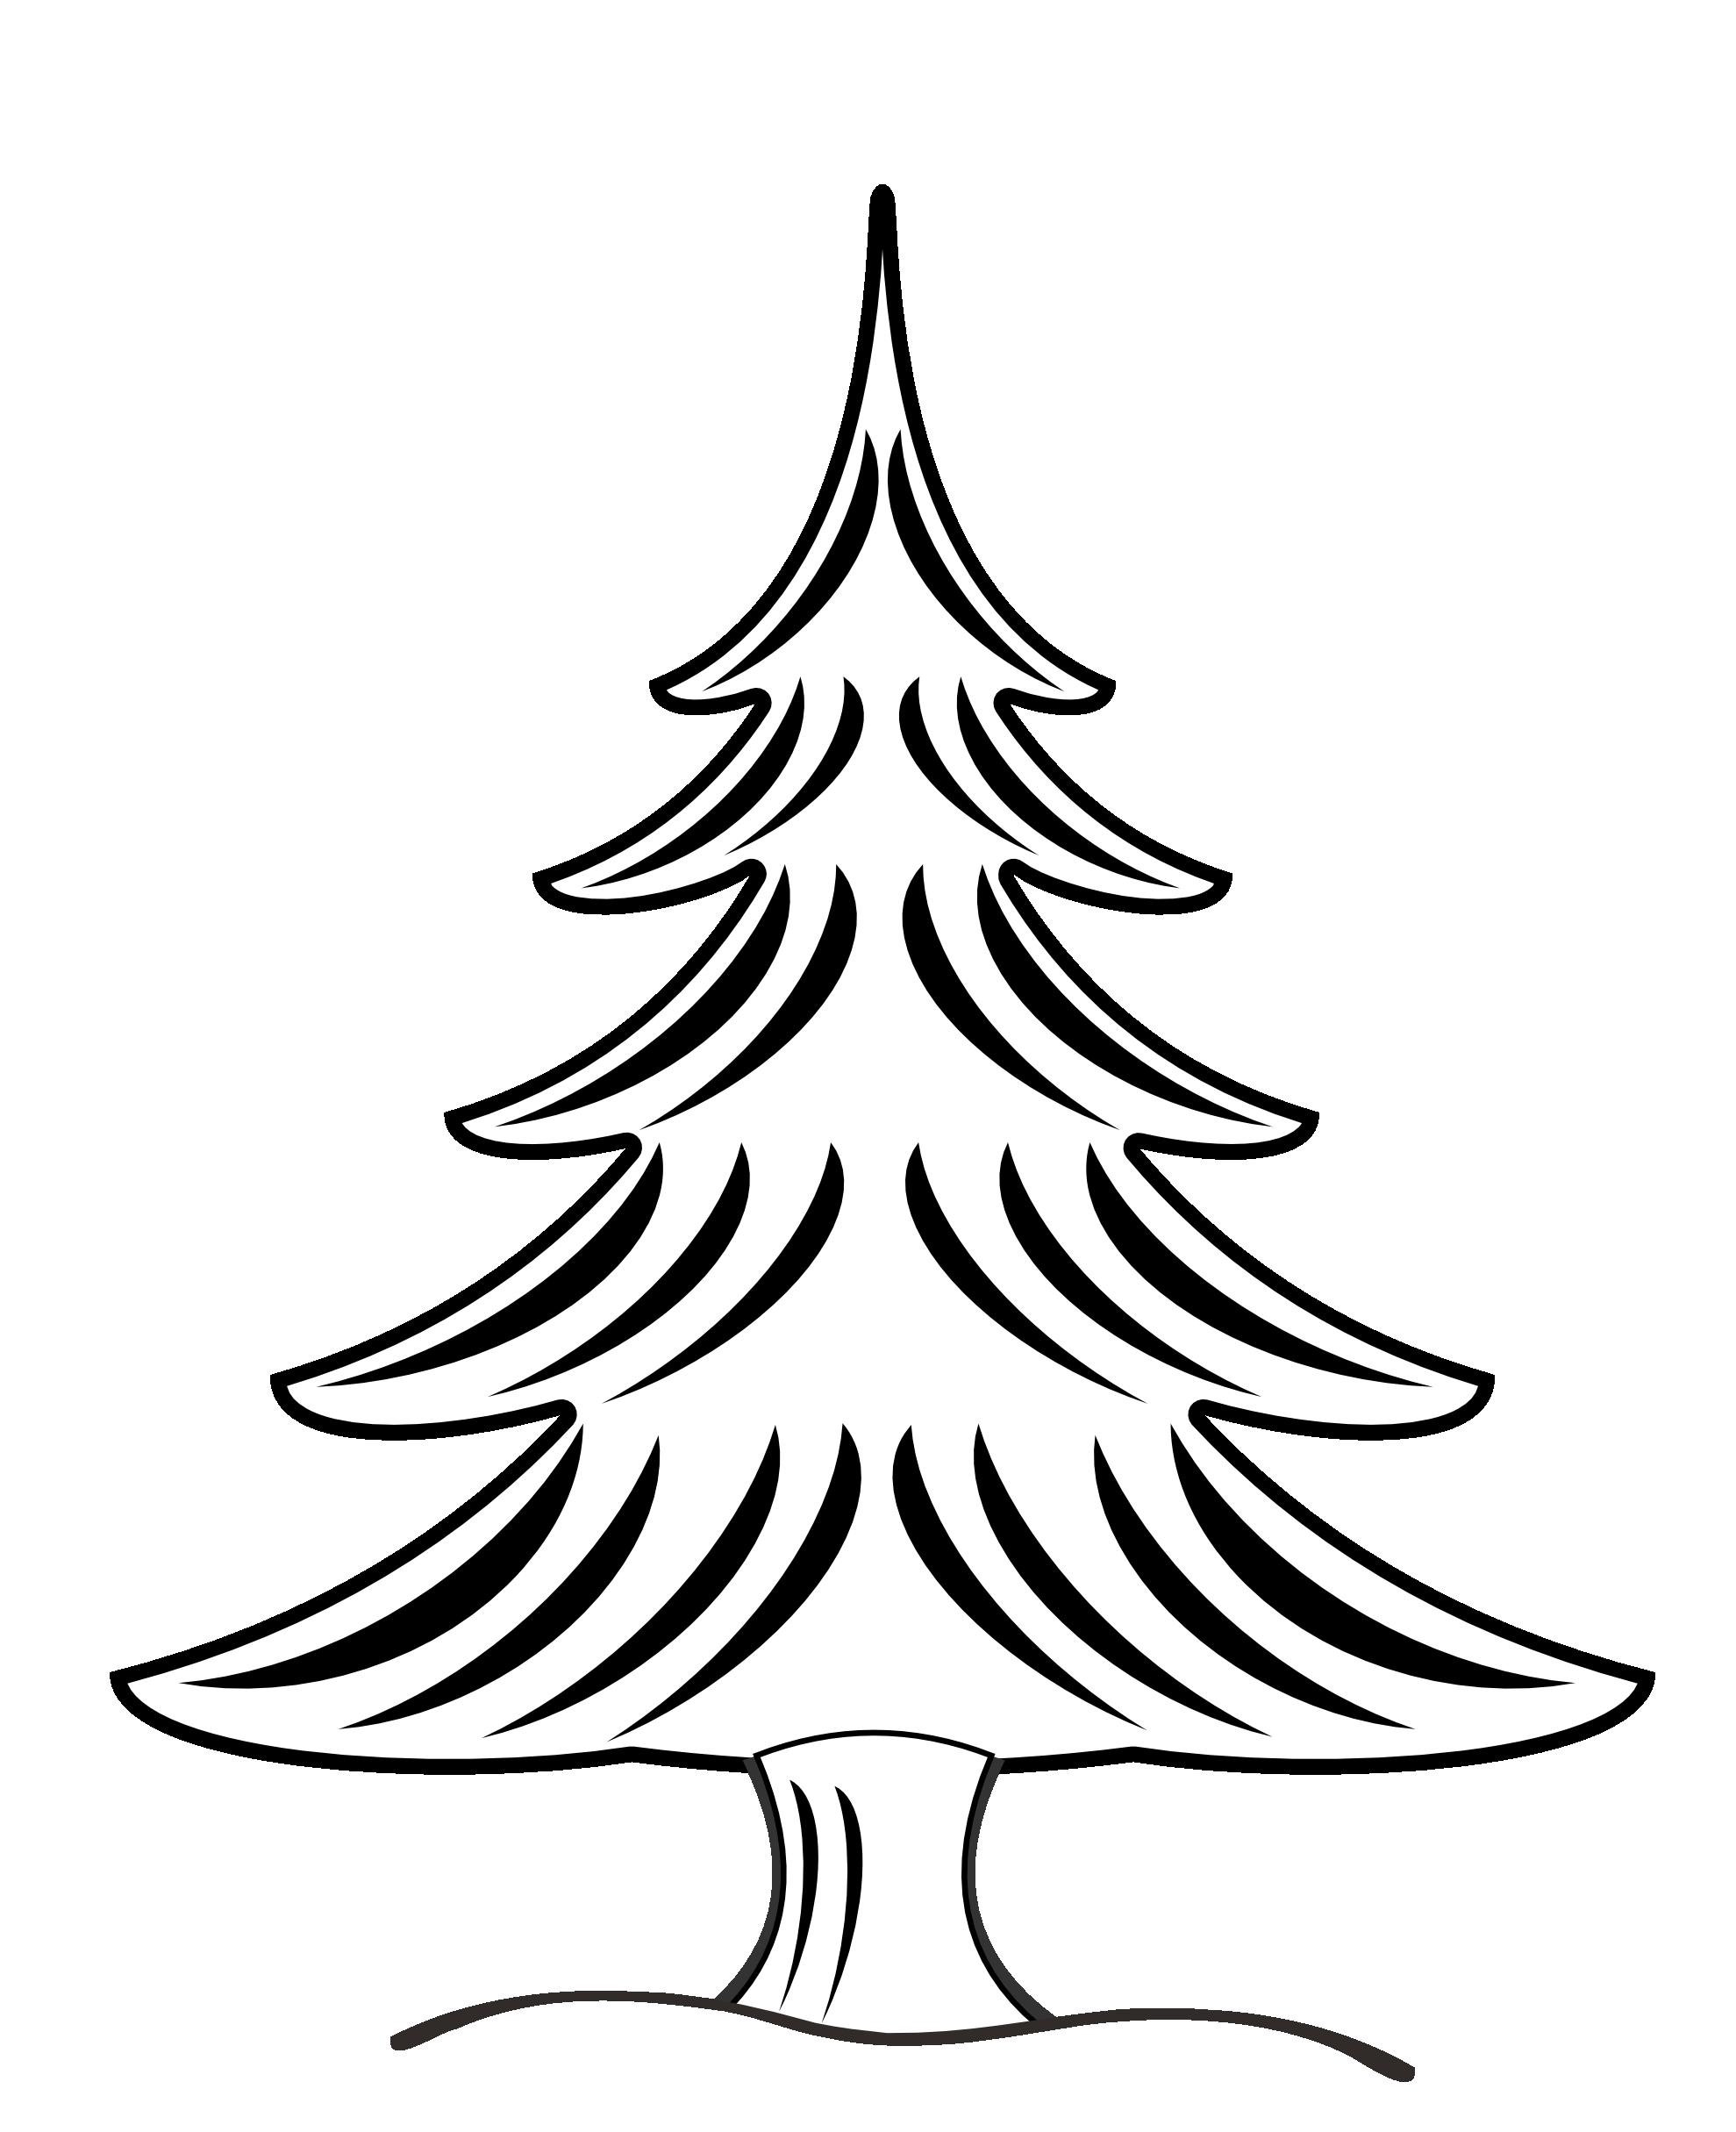 1979x2430 Drawn Pine Tree Clipart